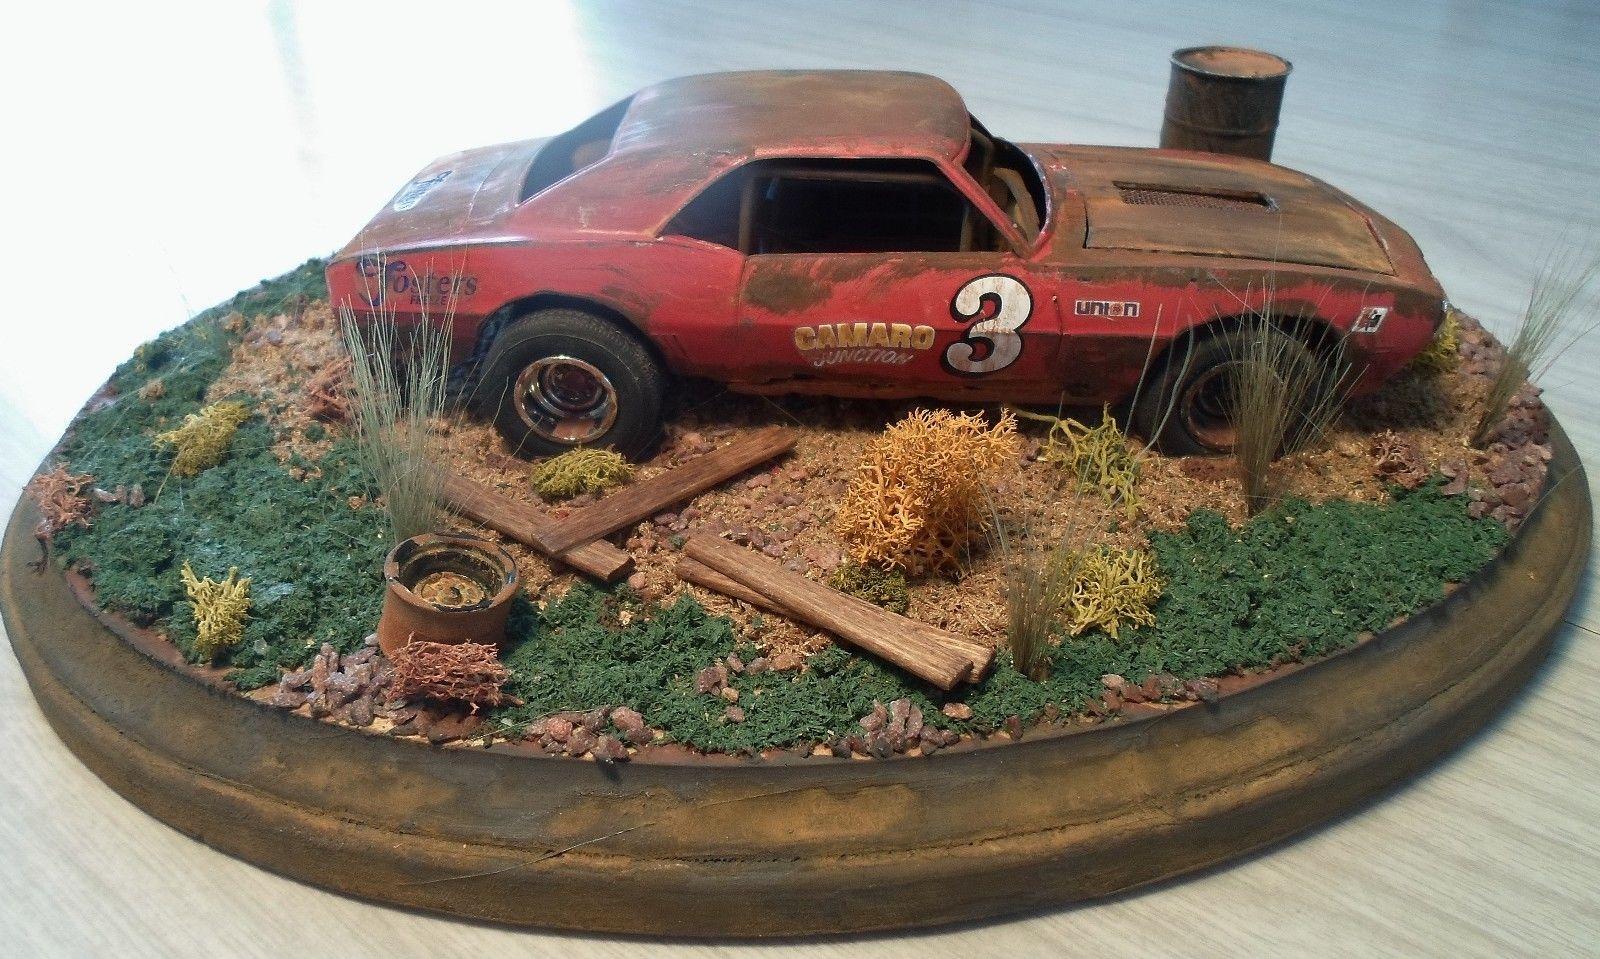 1 24 1 25 Barn Garage Diorama For Sale On Ebay: 1 24 Scale Built Diorama Junk Yard Vintage Race Car Barn